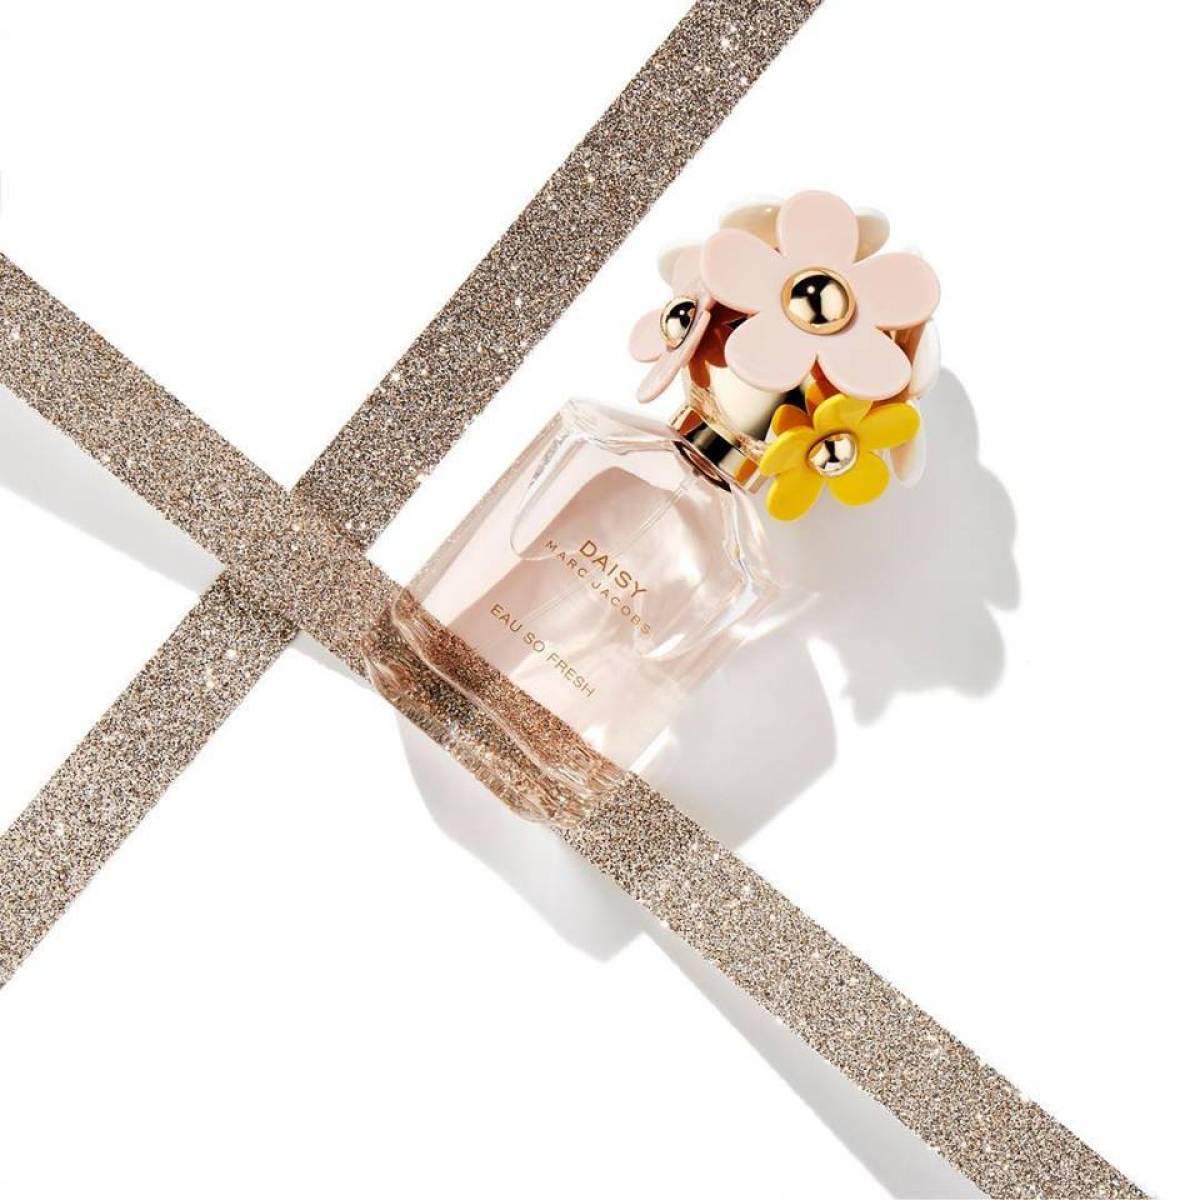 Nước hoa nữ Marc Jacobs Daisy Eau So Fresh | KIM PHƯỢNG COSMETICS